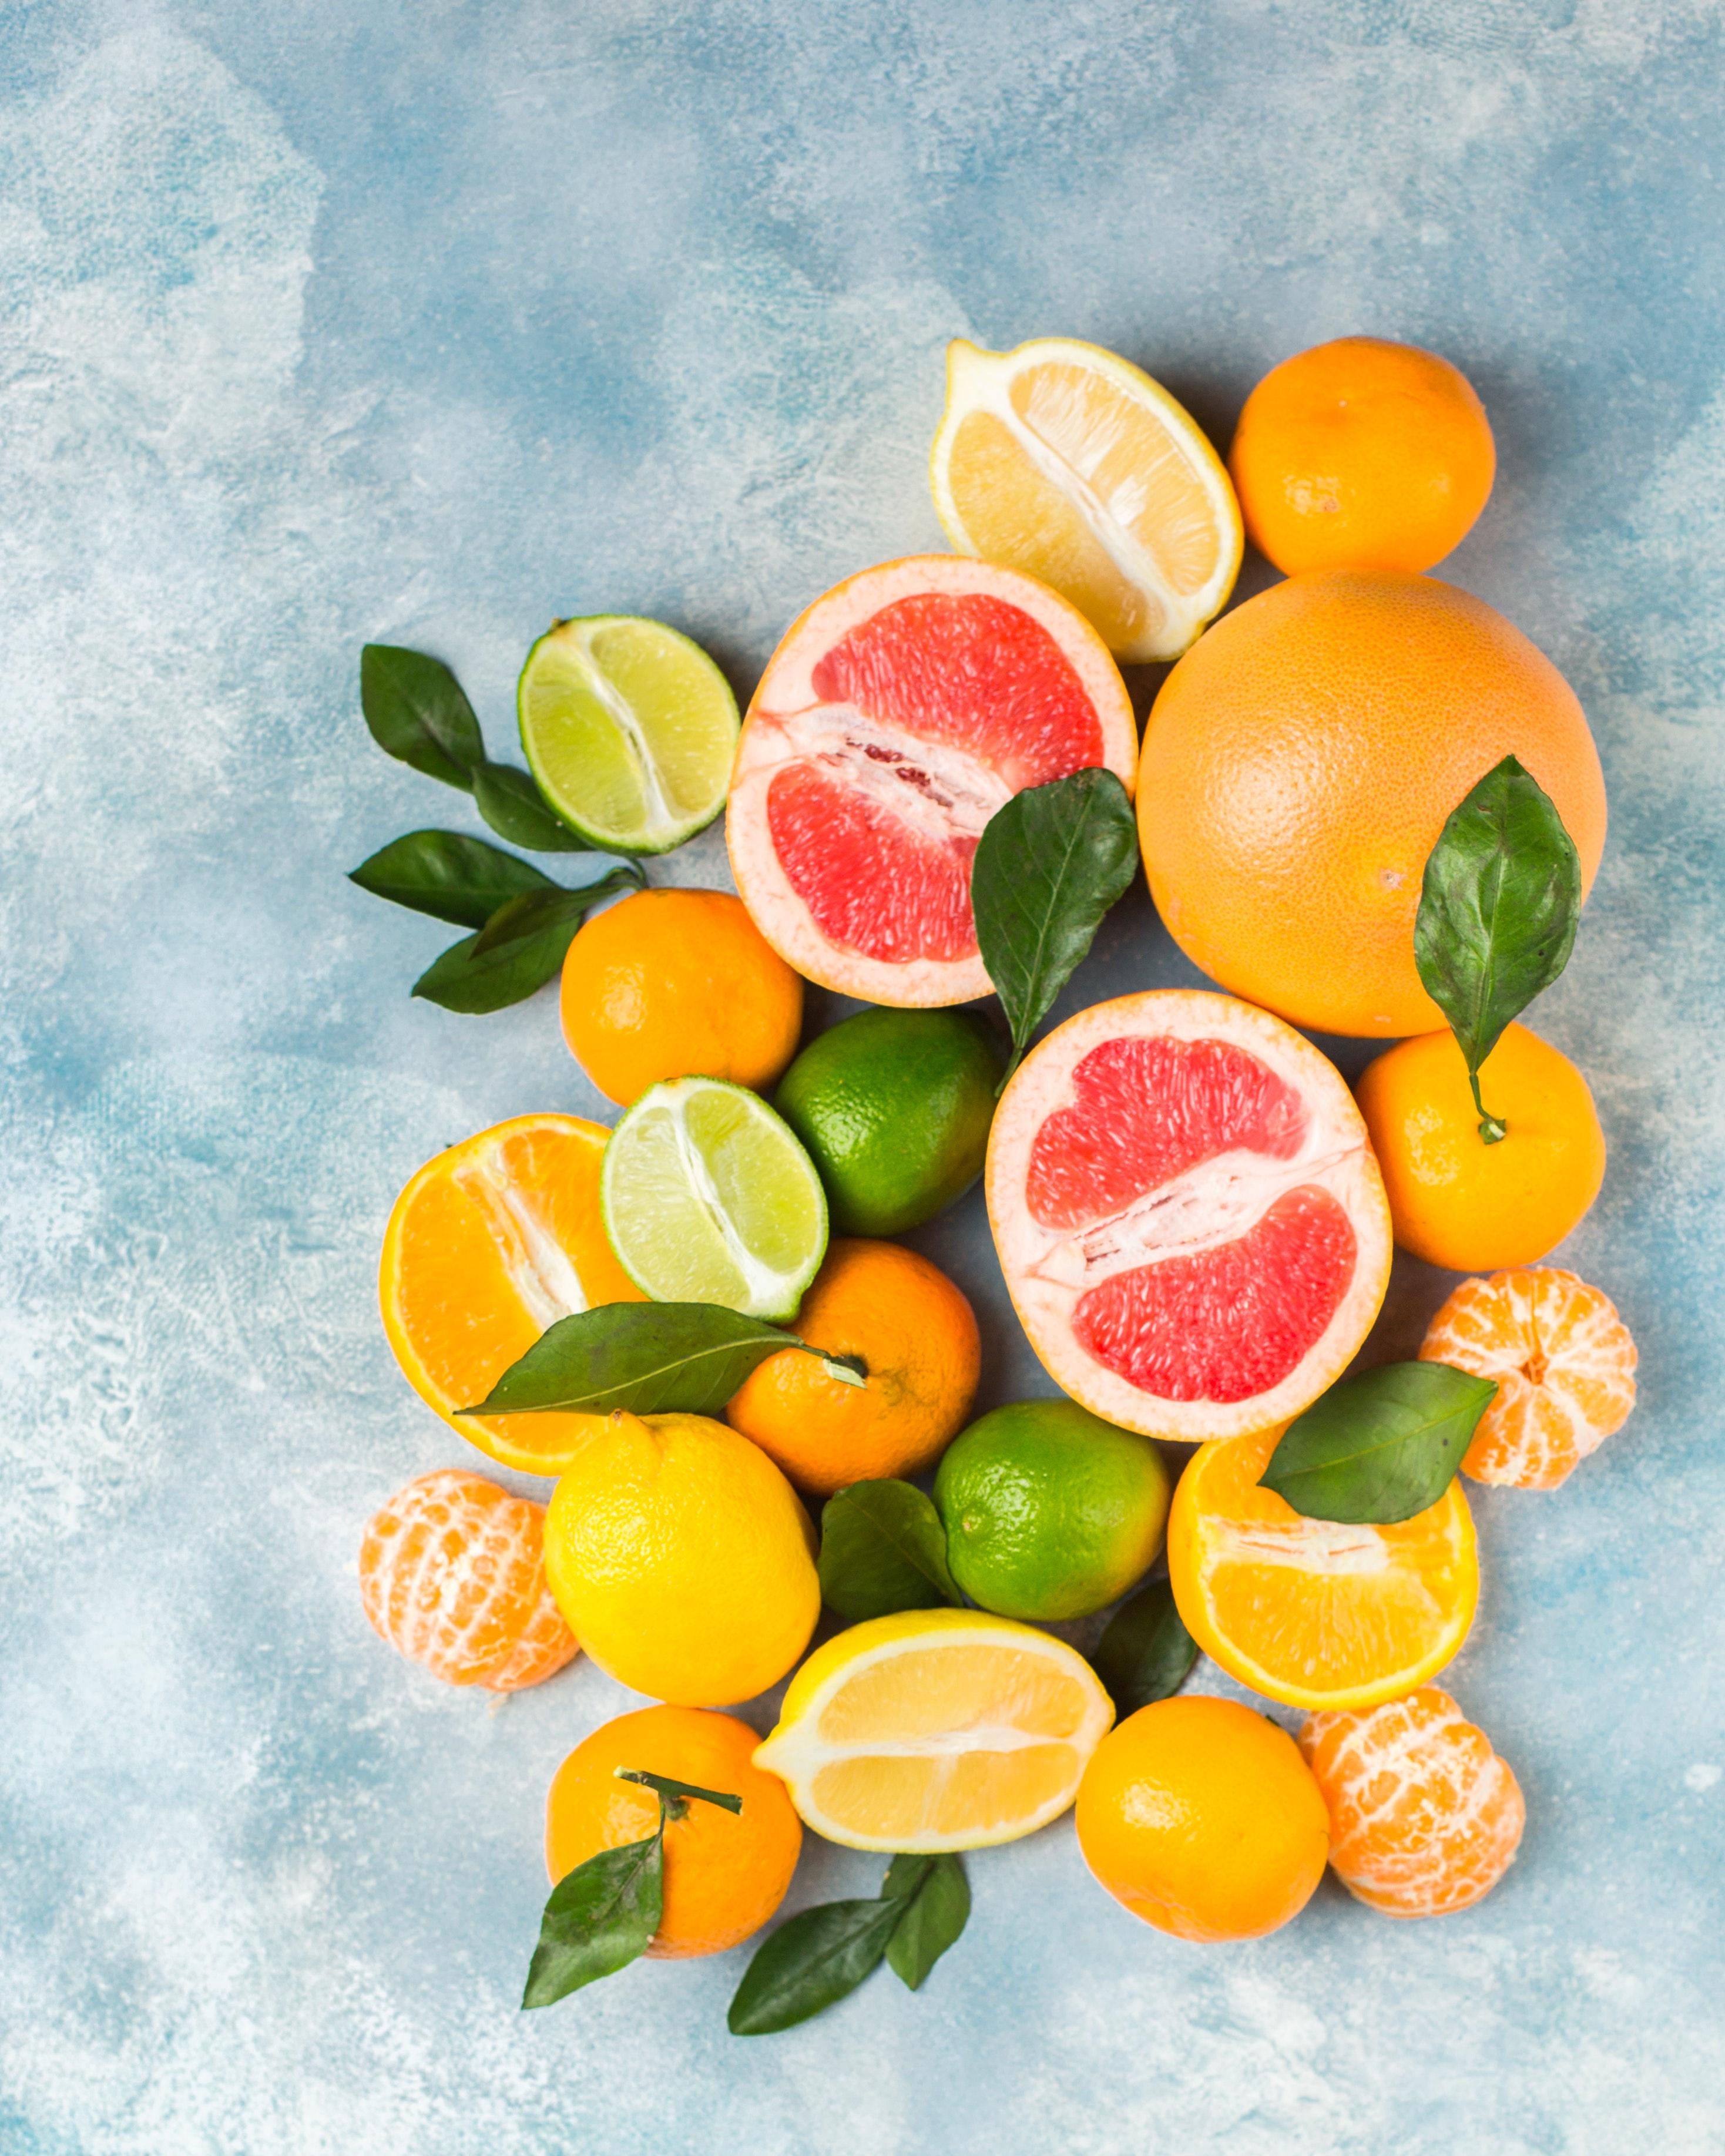 phòng tránh nguy cơ ung thư trái cây họ cam cắt đôi để trên bàn